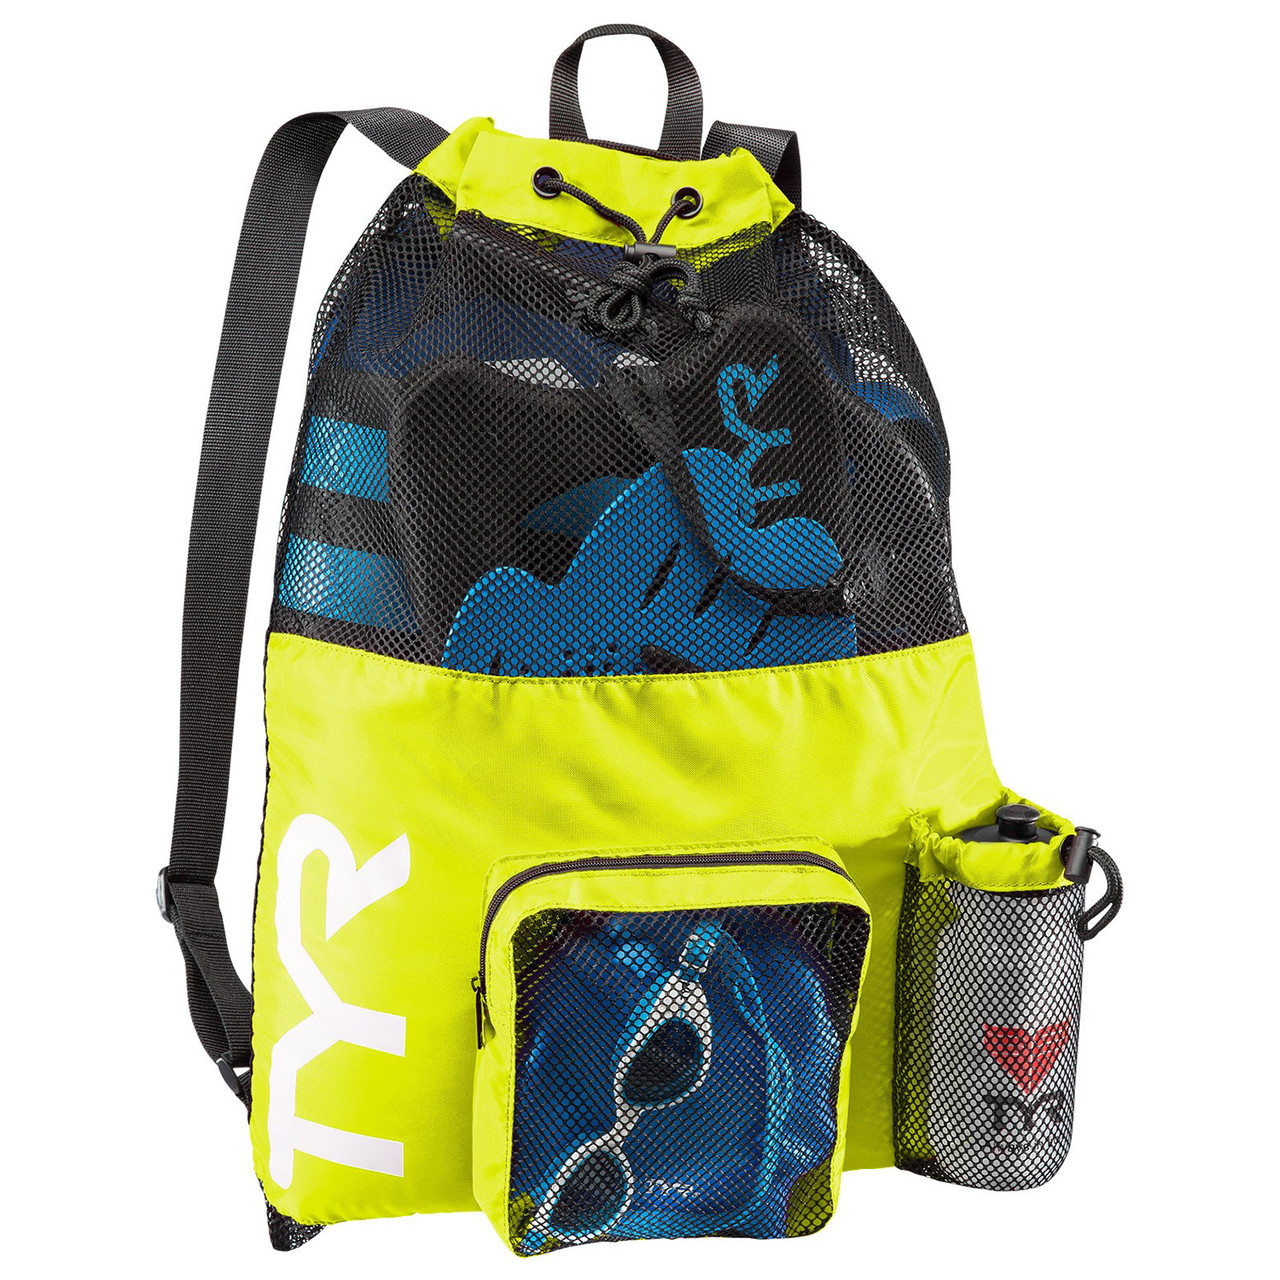 рюкзак Tyr Big Mesh Mummy Bag Lbmmb3730 купить по лучшей цене от